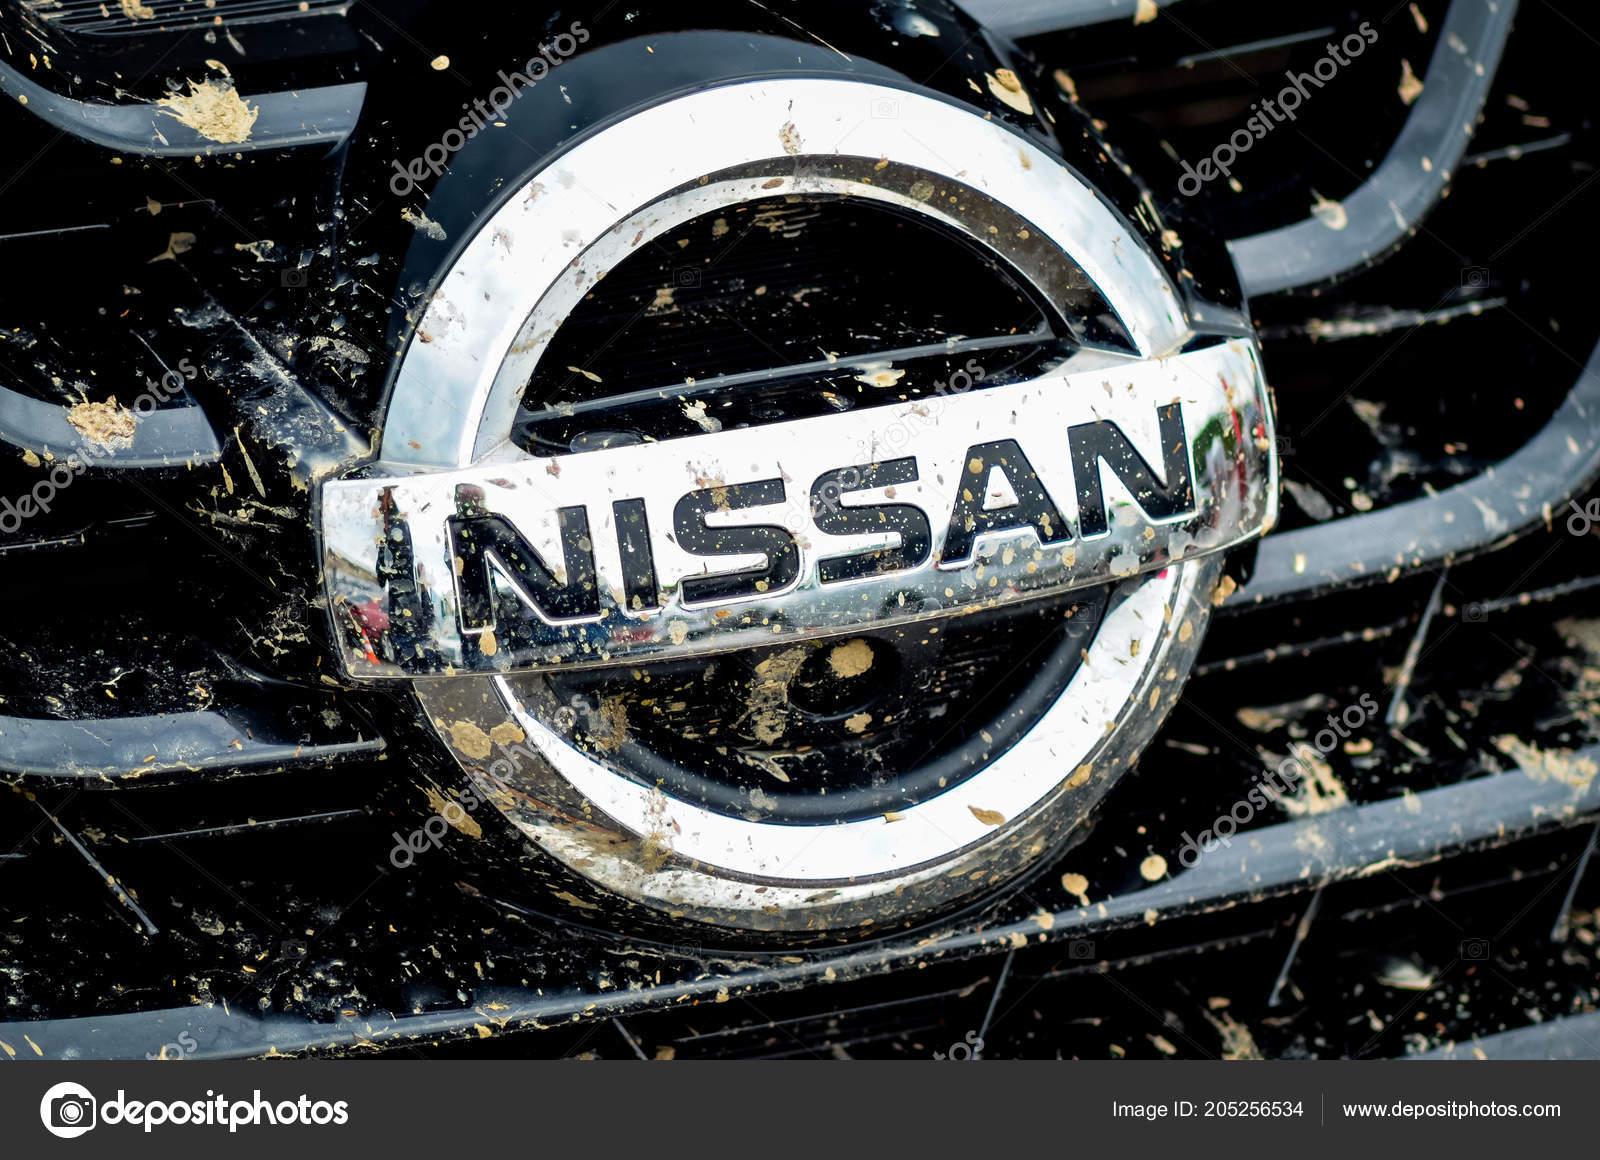 Nissan បើកបរស្វ័យប្រវត្តិ ធ្វើដំណើររយៈចម្ងាយឆ្ងាយជោគជ័យនៅអង់គ្លេស